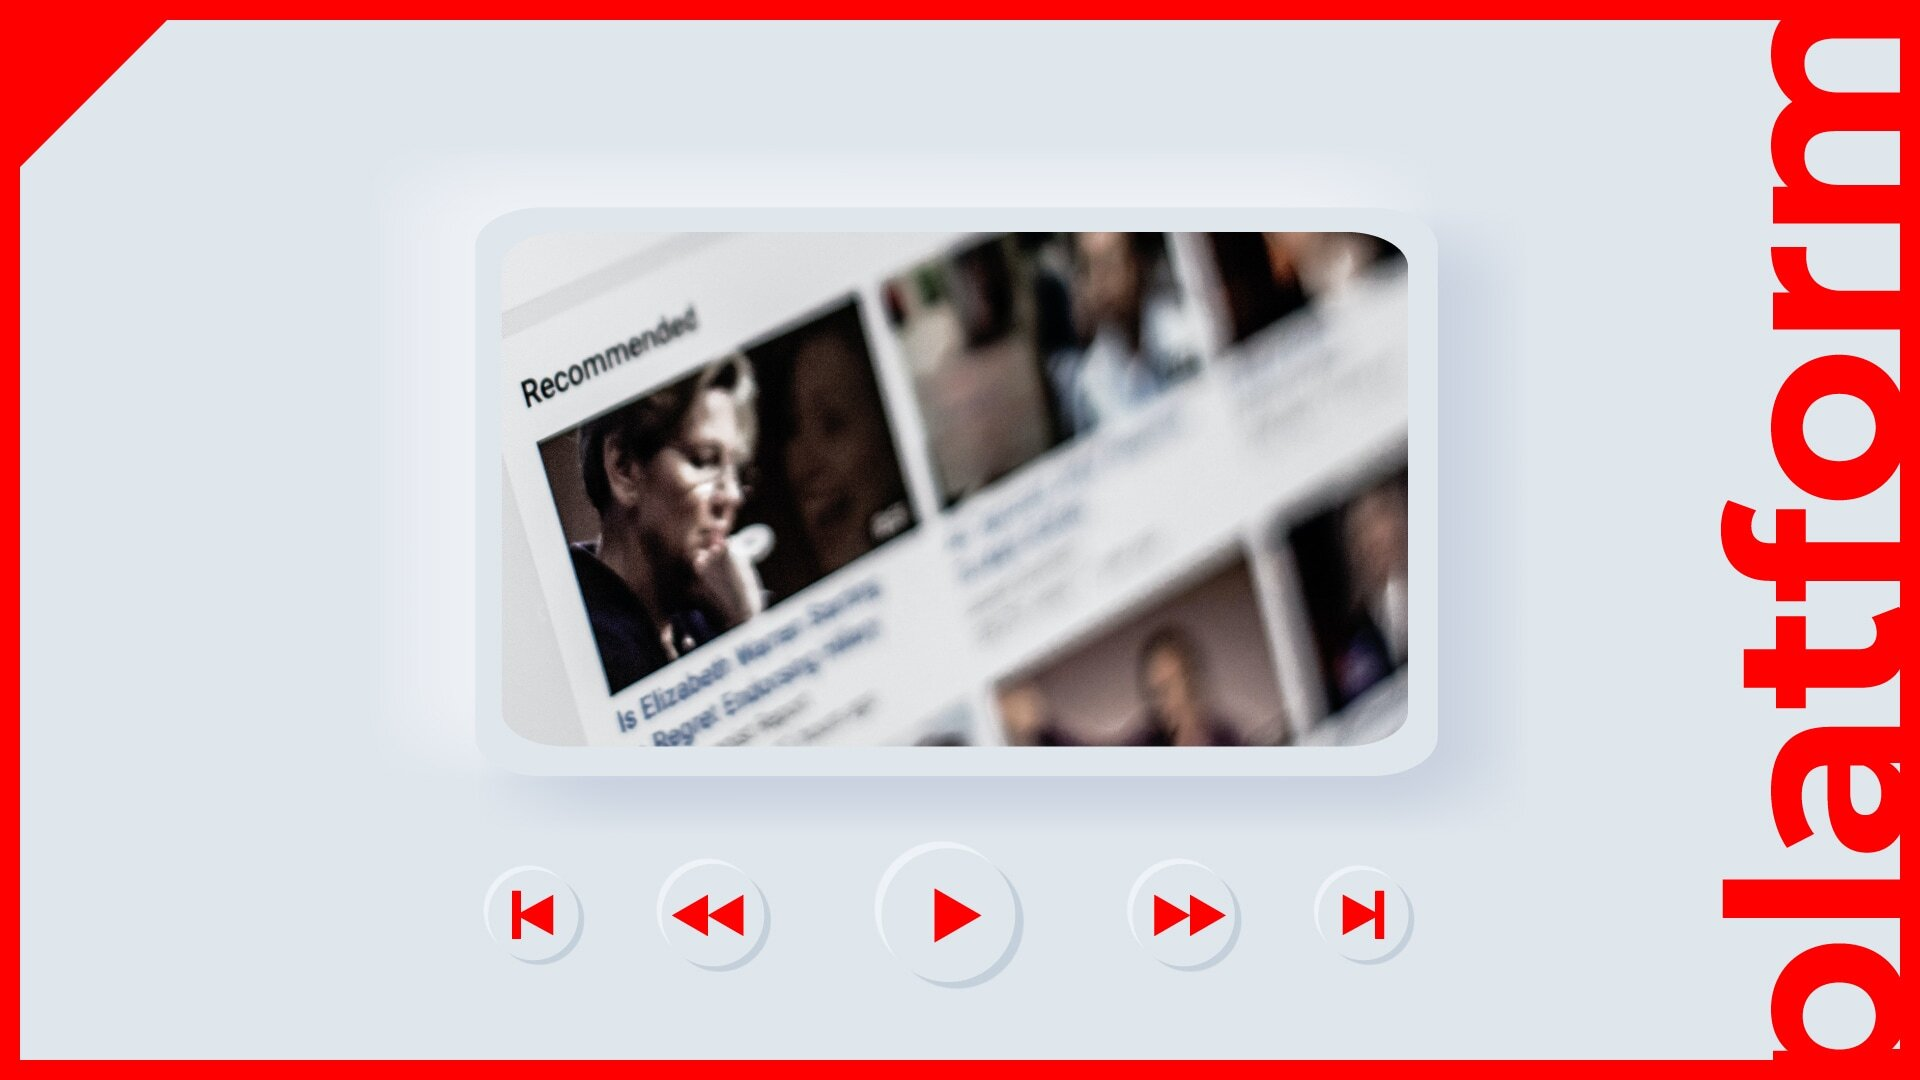 新時代の「メディアの王」YouTube担当者に聞いた、境界を越えることの責任